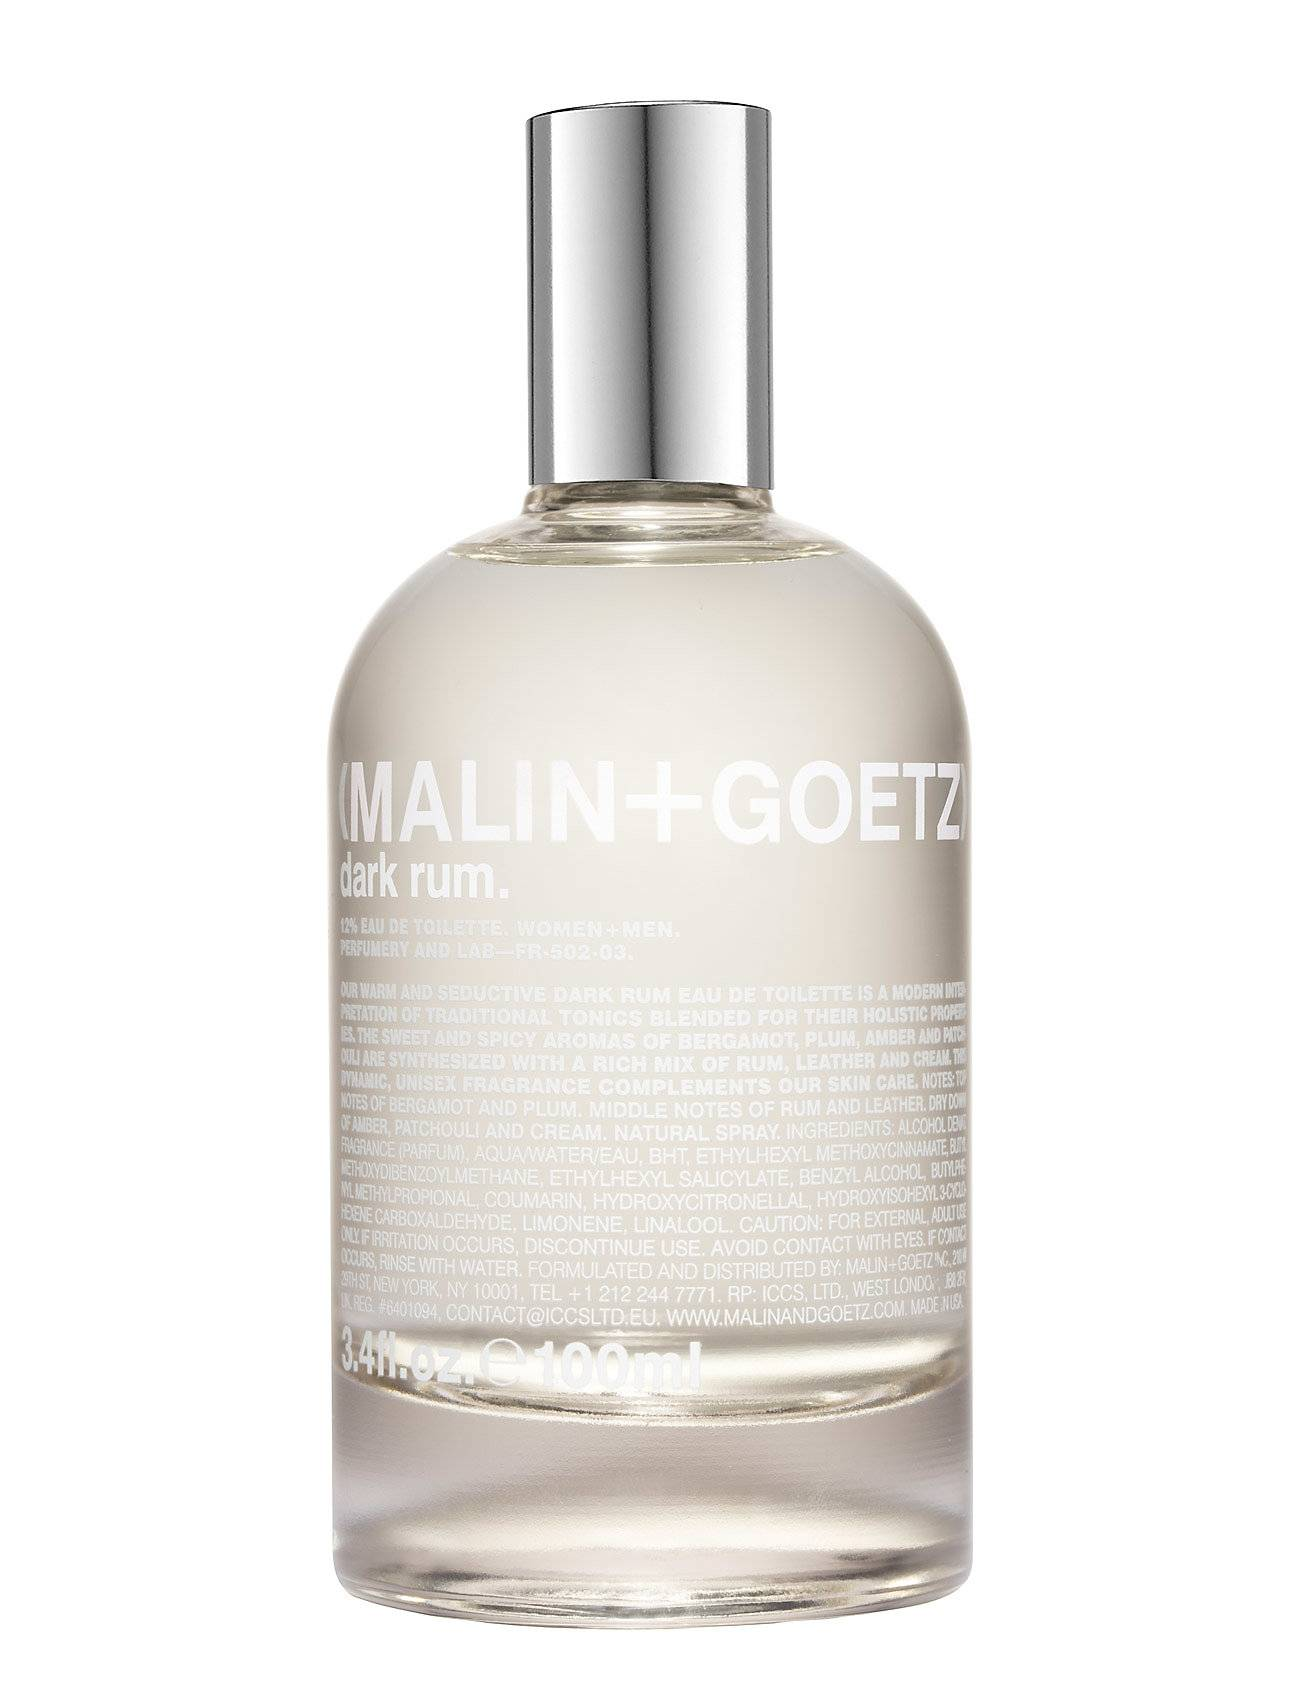 MALIN+GOETZ Dark Rum Eau De Toilette Hajuvesi Eau De Parfum Nude MALIN+GOETZ